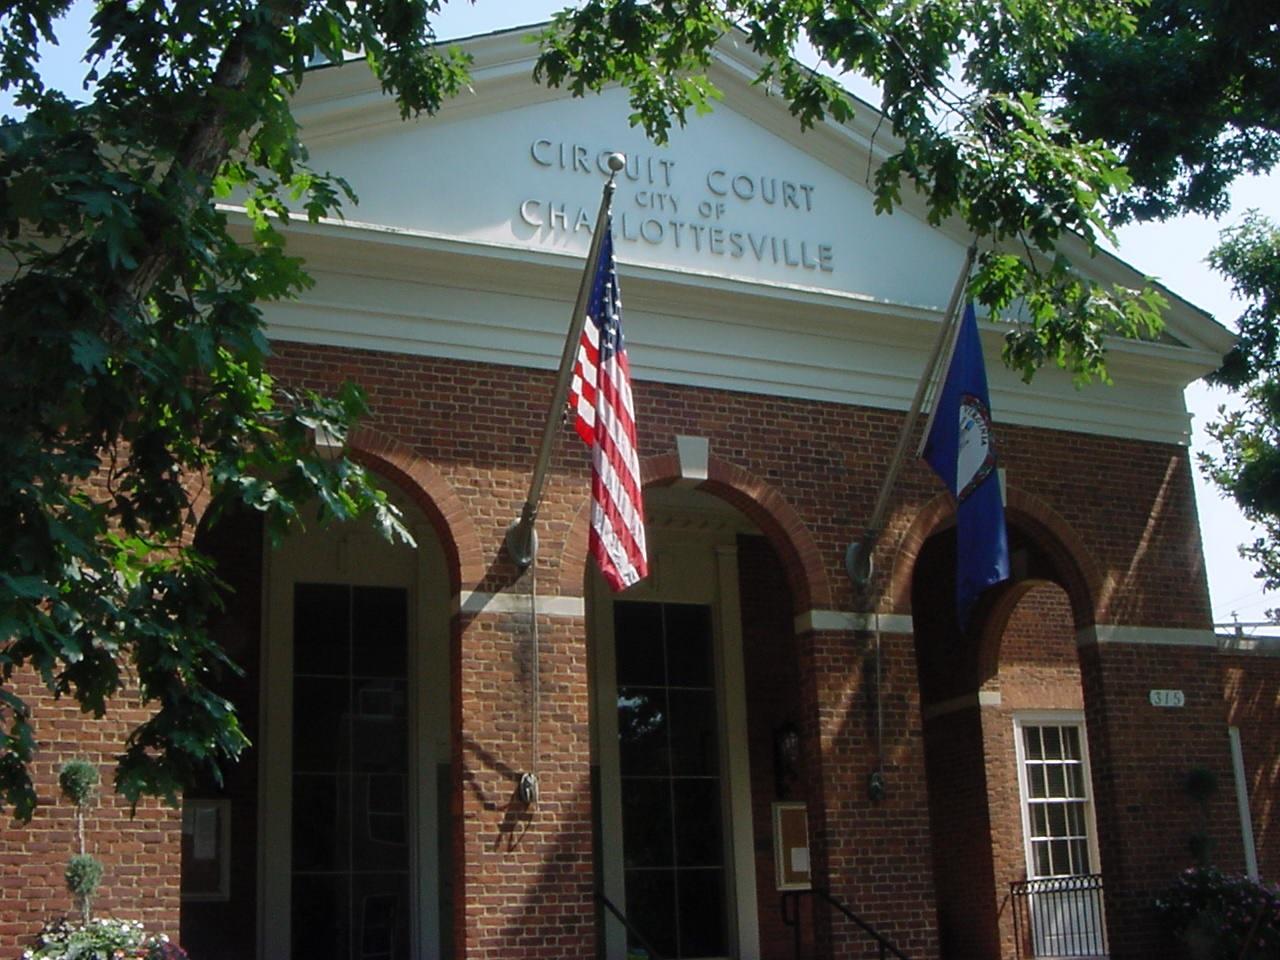 Charlottesville Circuit Court (2)